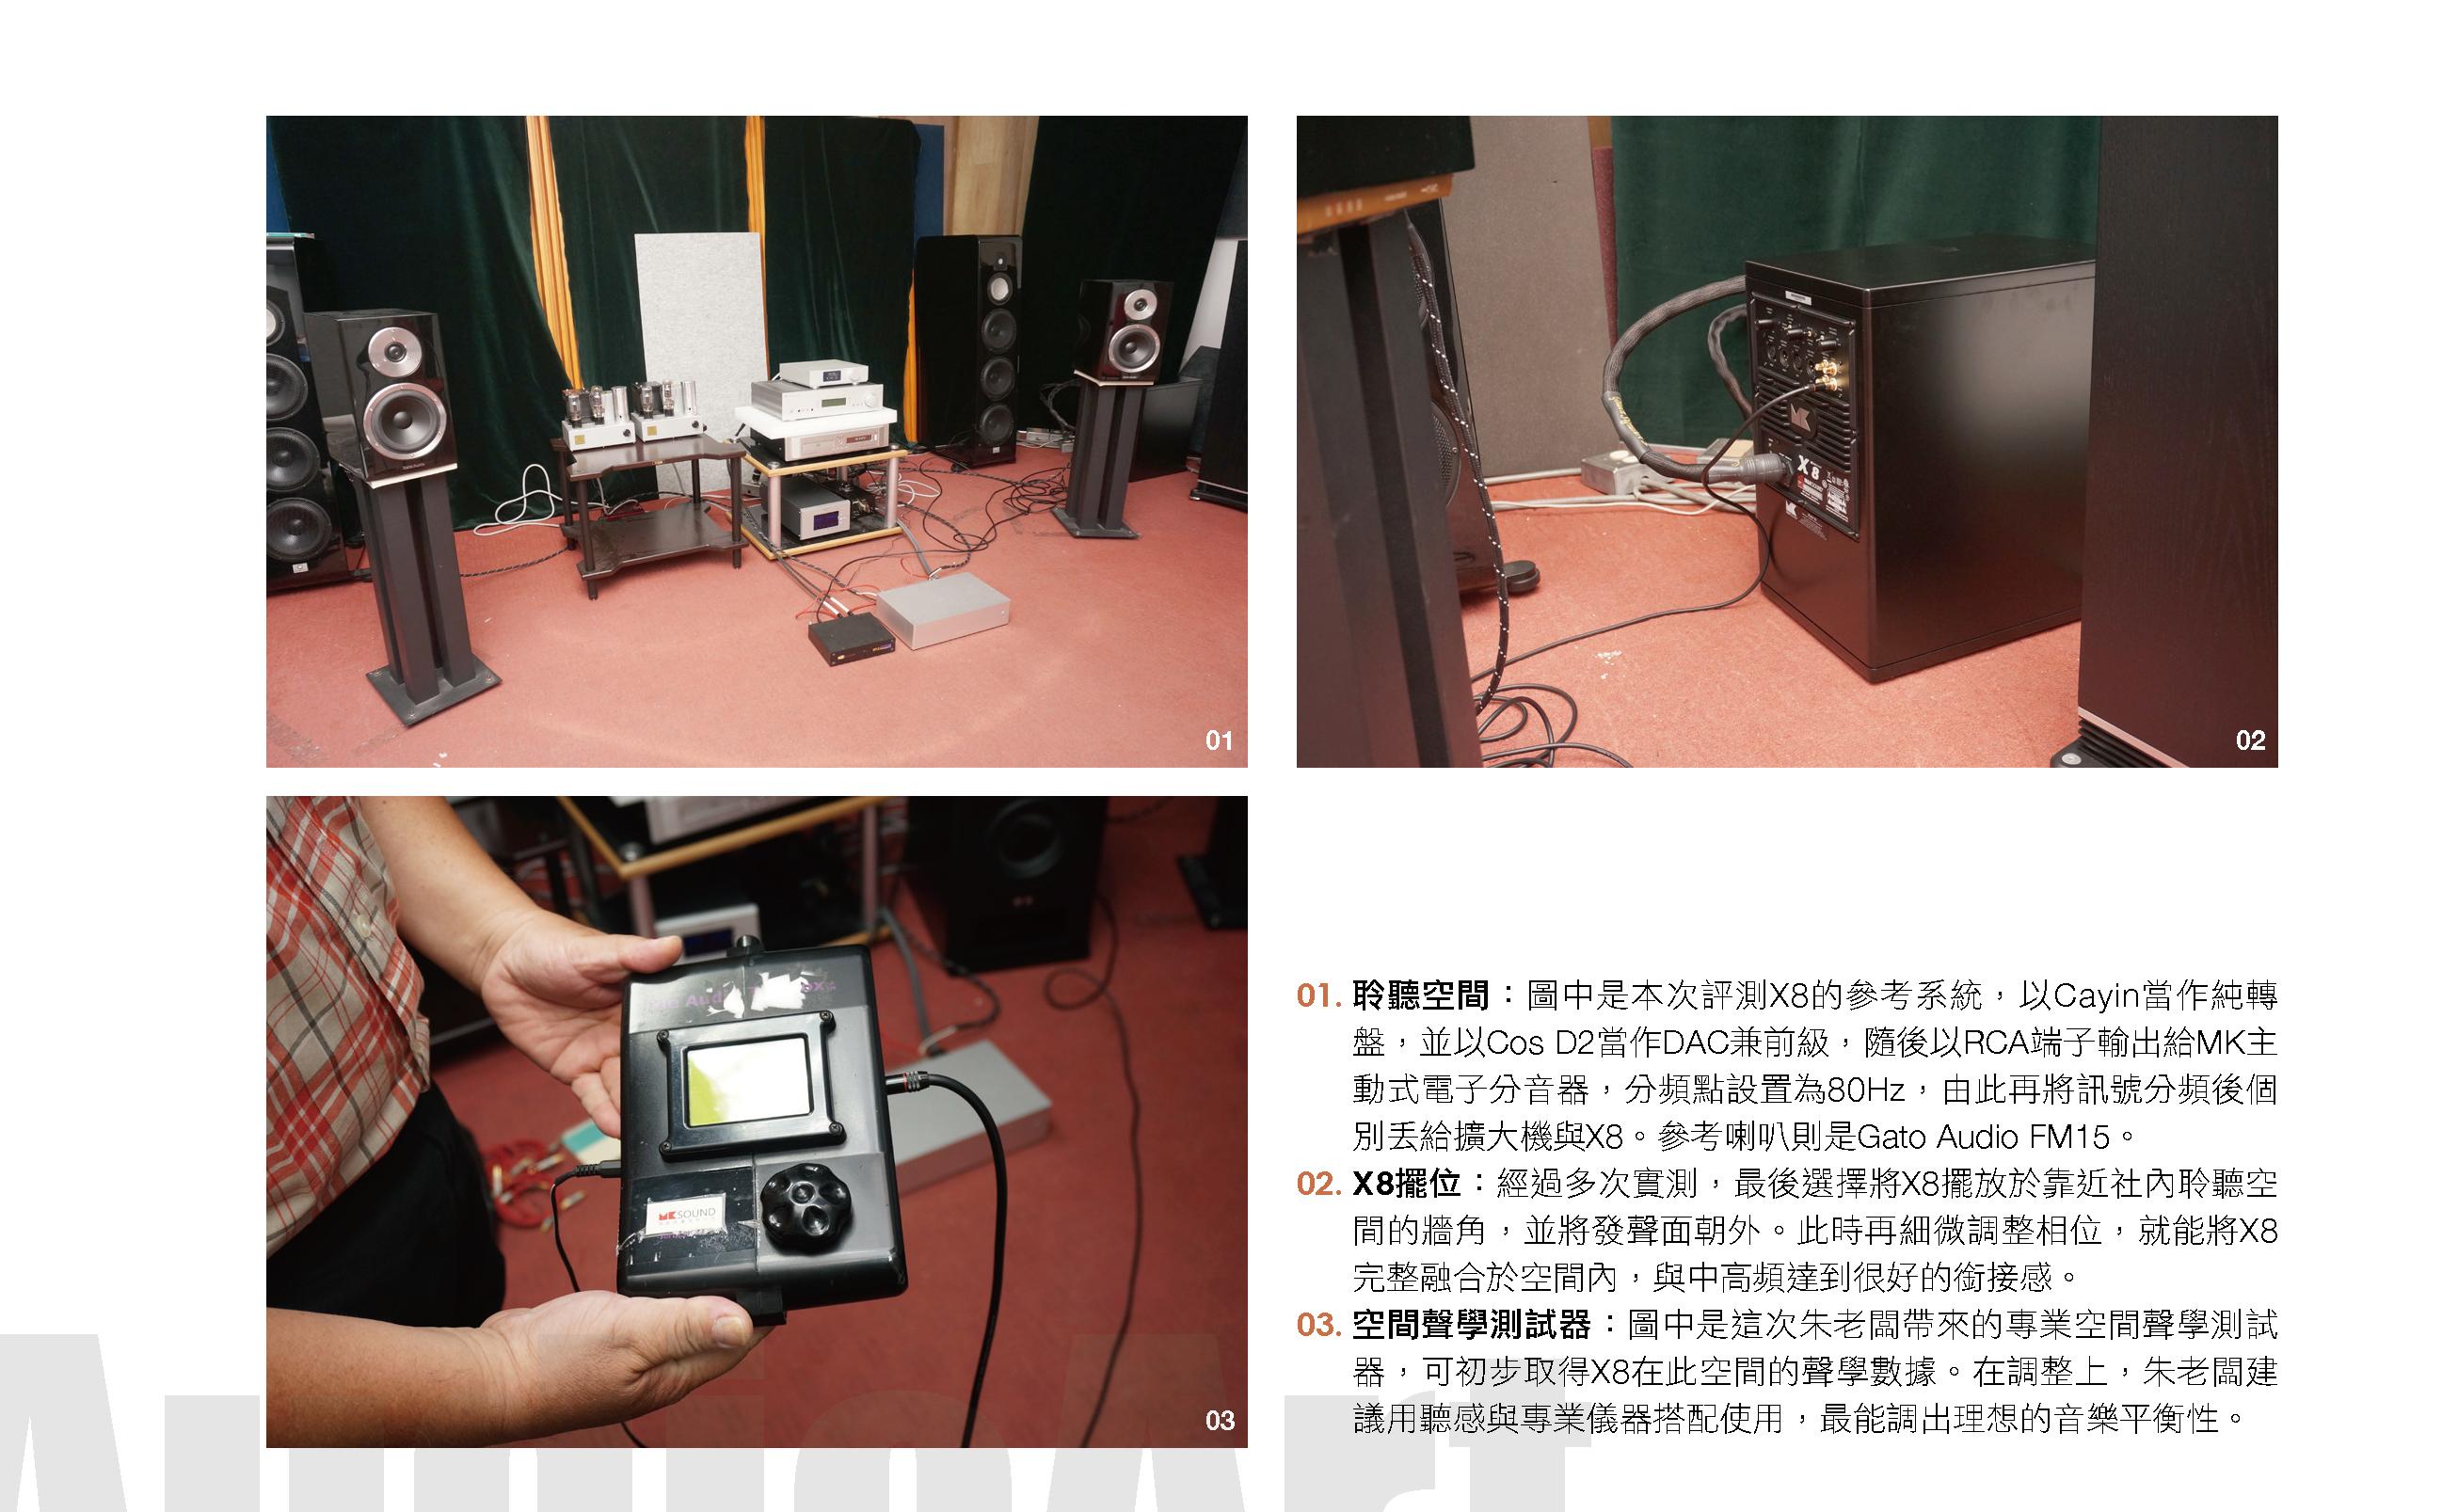 音響論壇視聽室實測X8極低頻滾降曲線